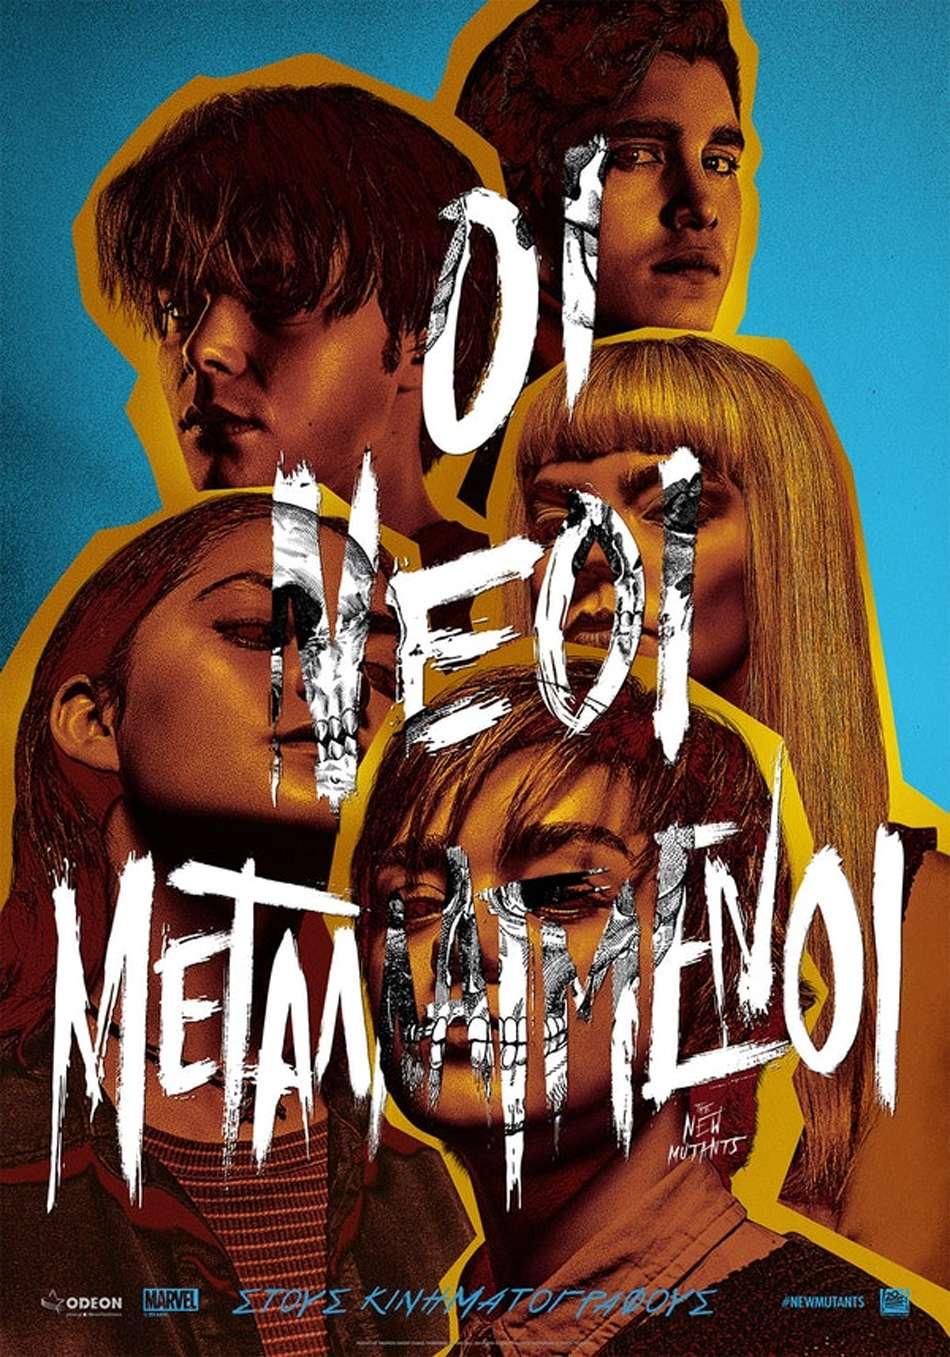 Οι Νέοι Μεταλλαγμένοι (The New Mutants) Poster